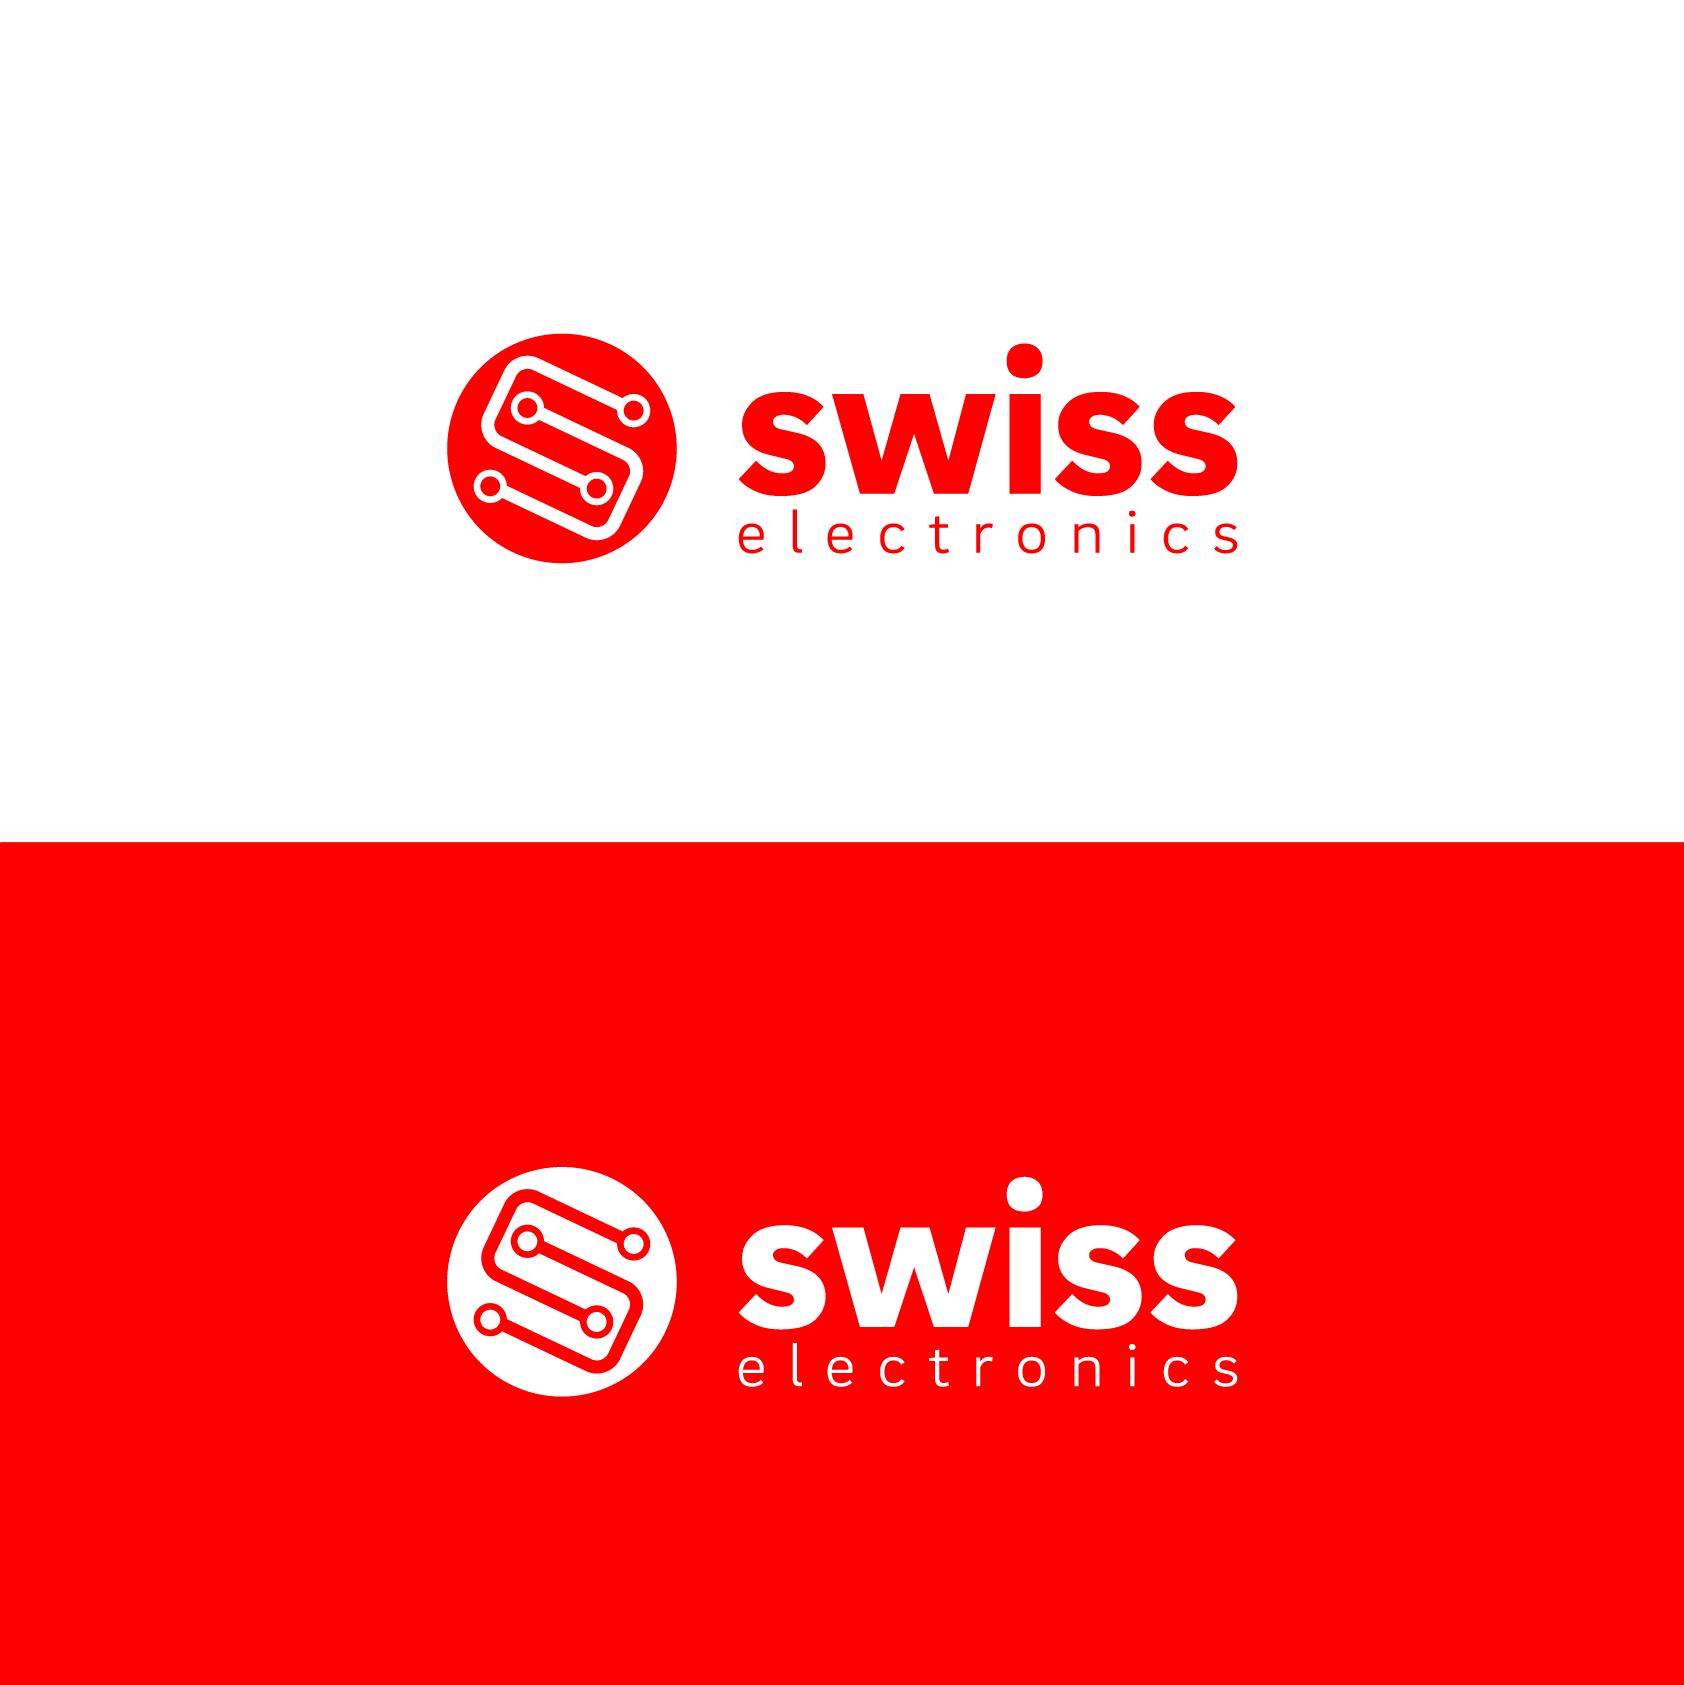 Electronics business imagetype